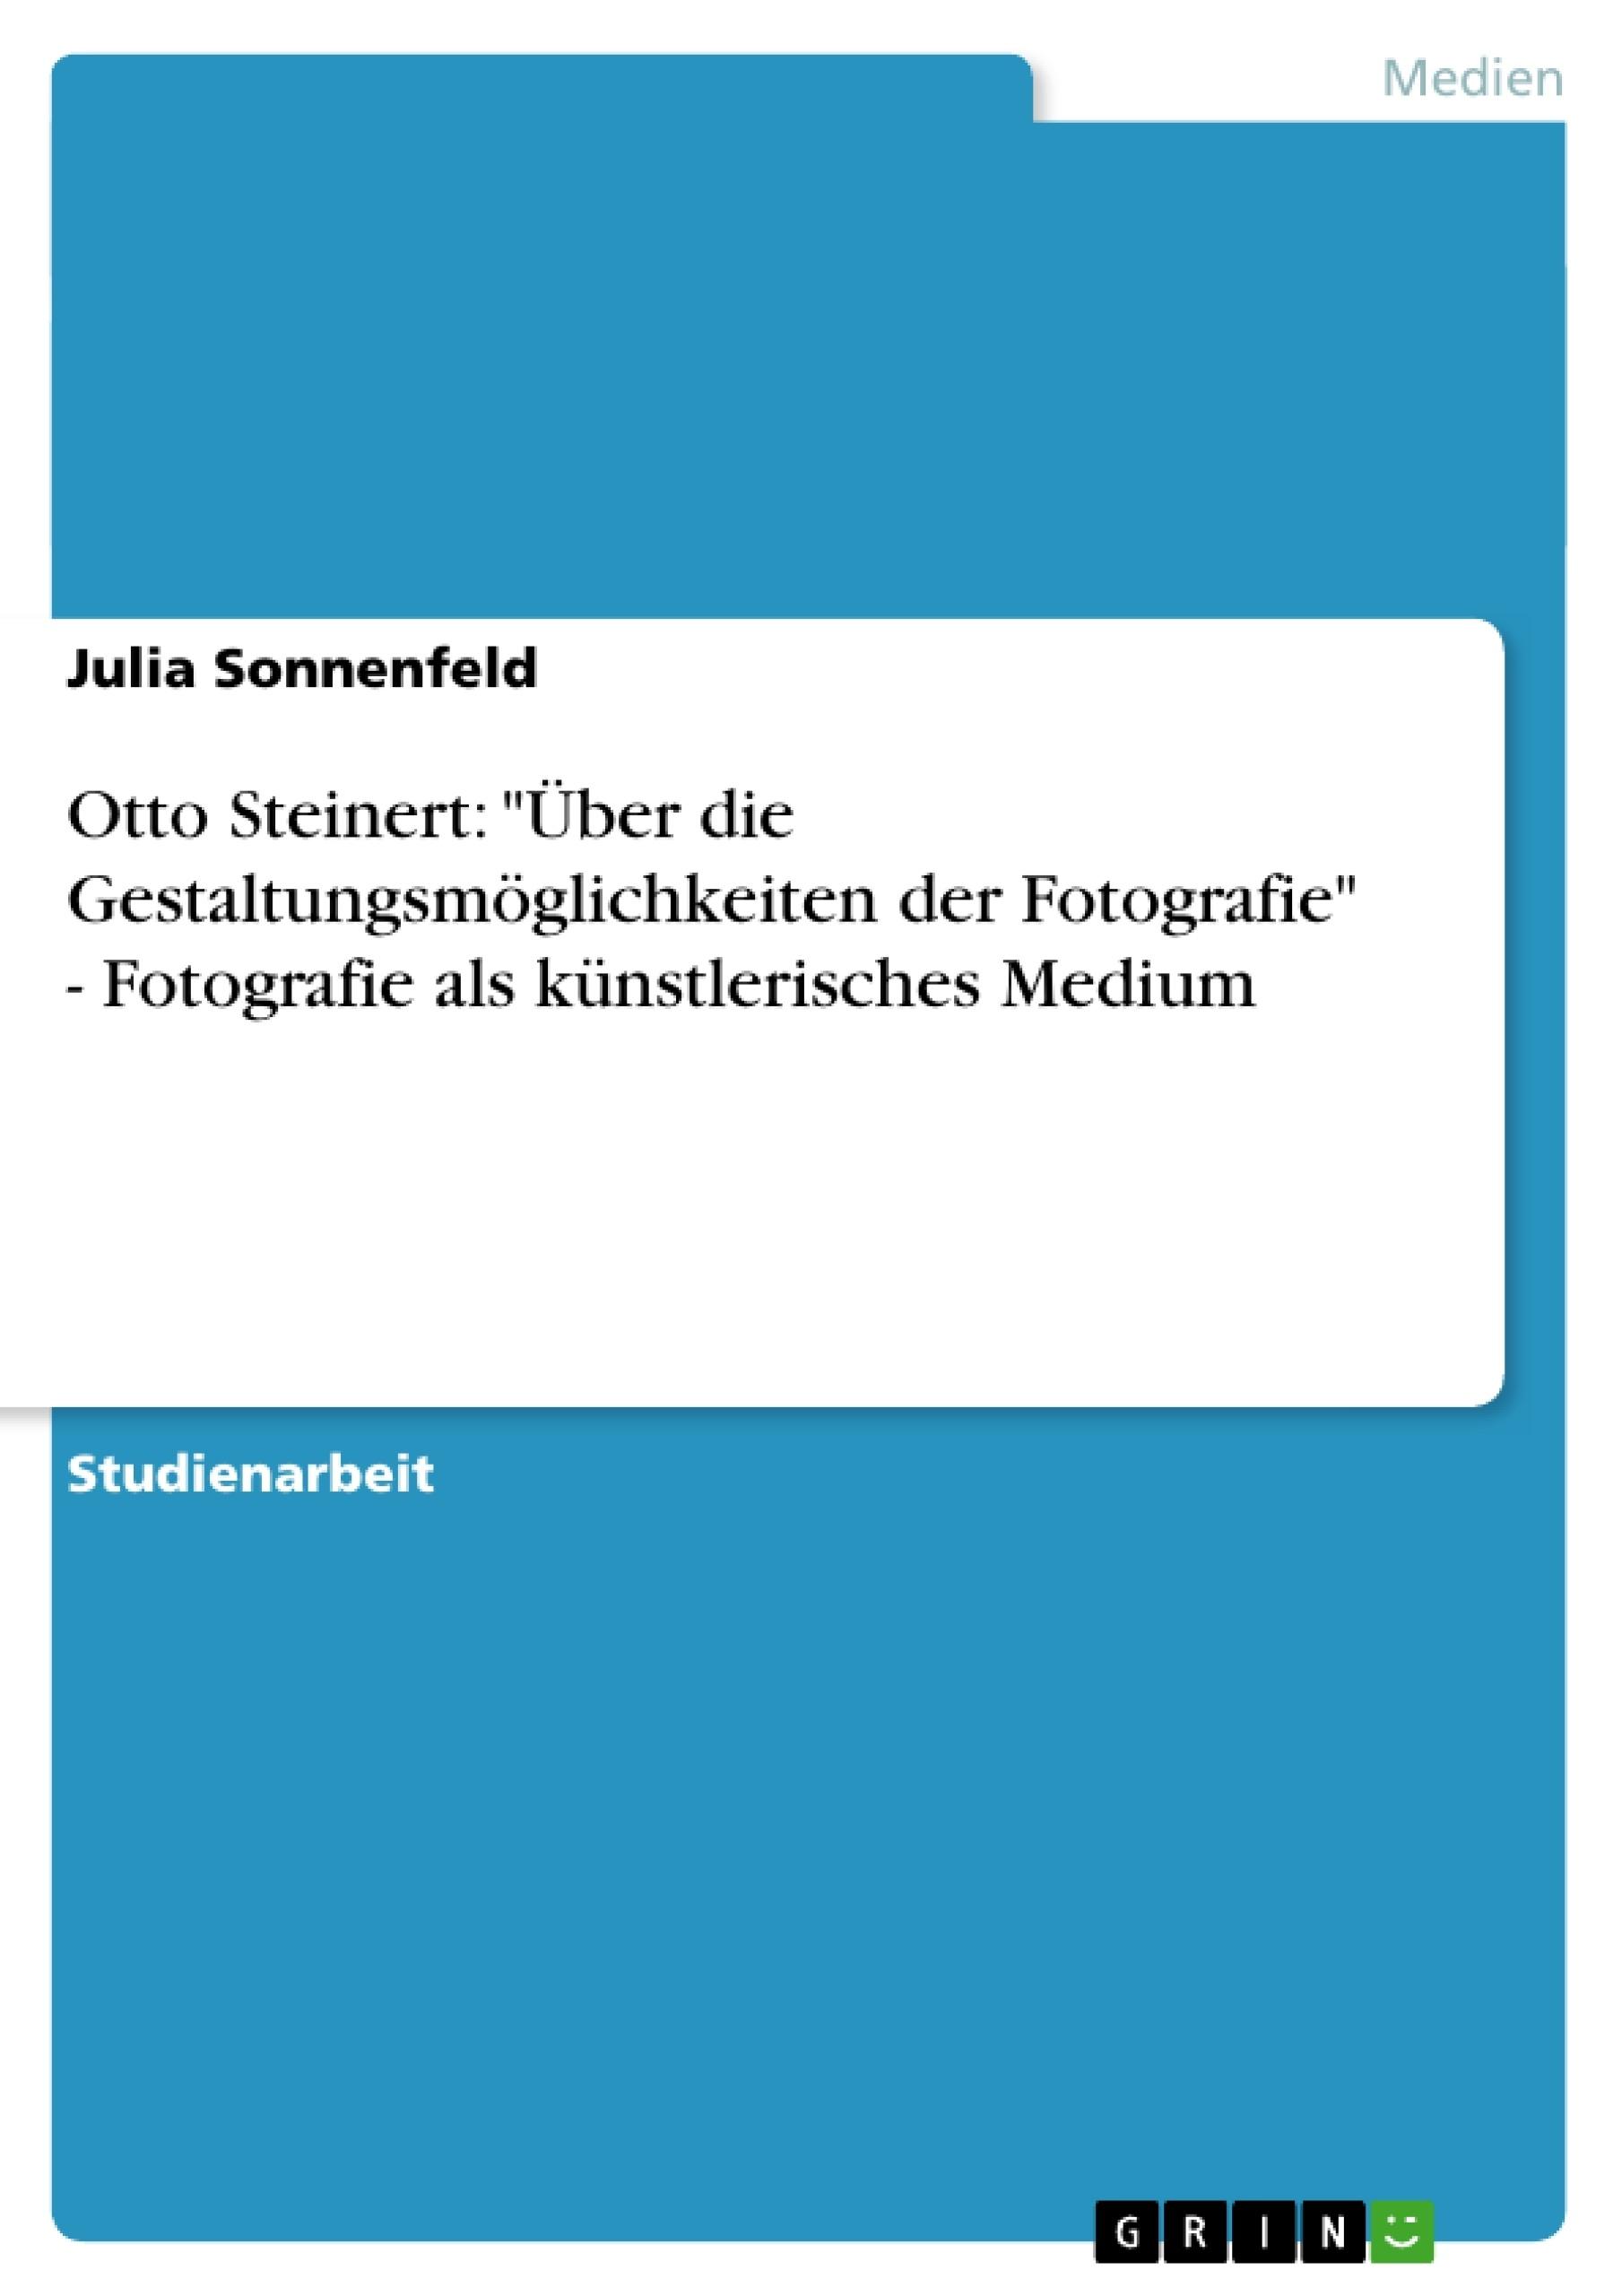 """Titel: Otto Steinert: """"Über die Gestaltungsmöglichkeiten der Fotografie"""" - Fotografie als künstlerisches Medium"""